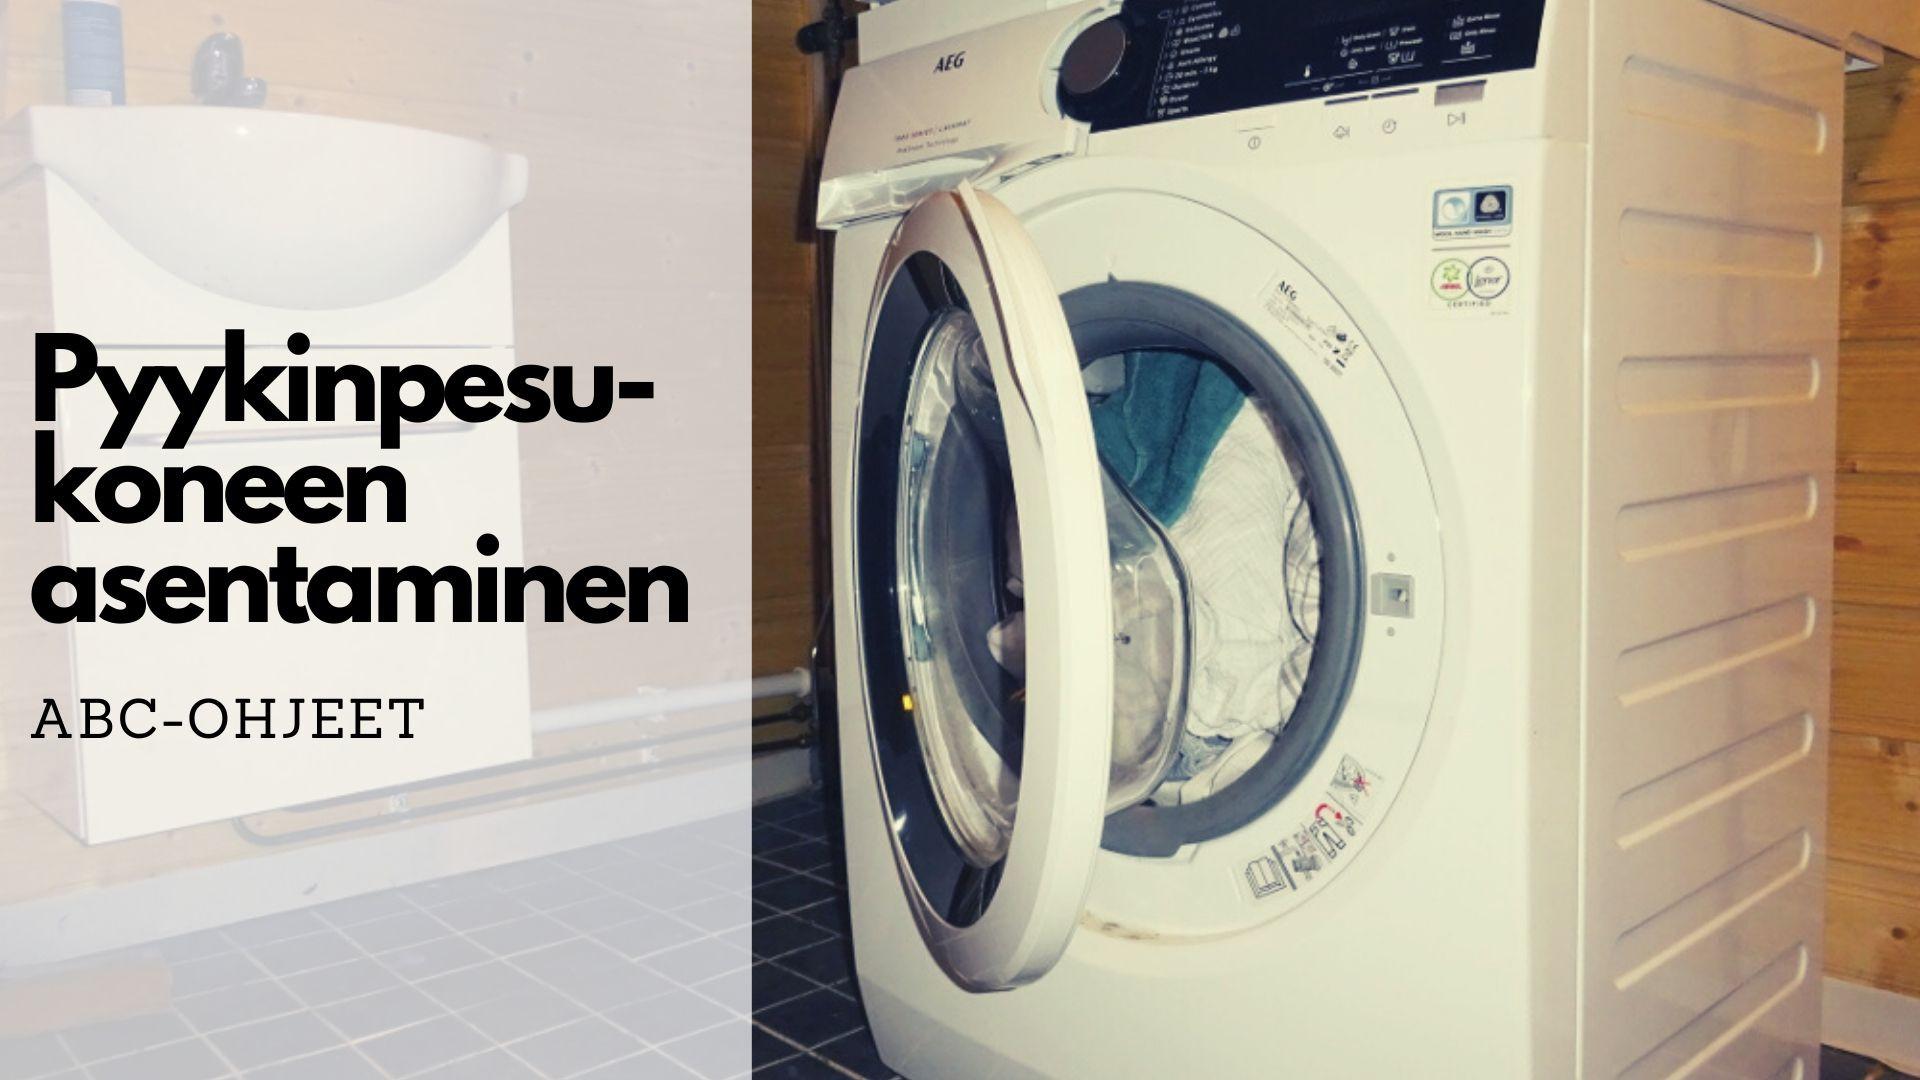 Pyykinpesukoneen asennuksen hinta